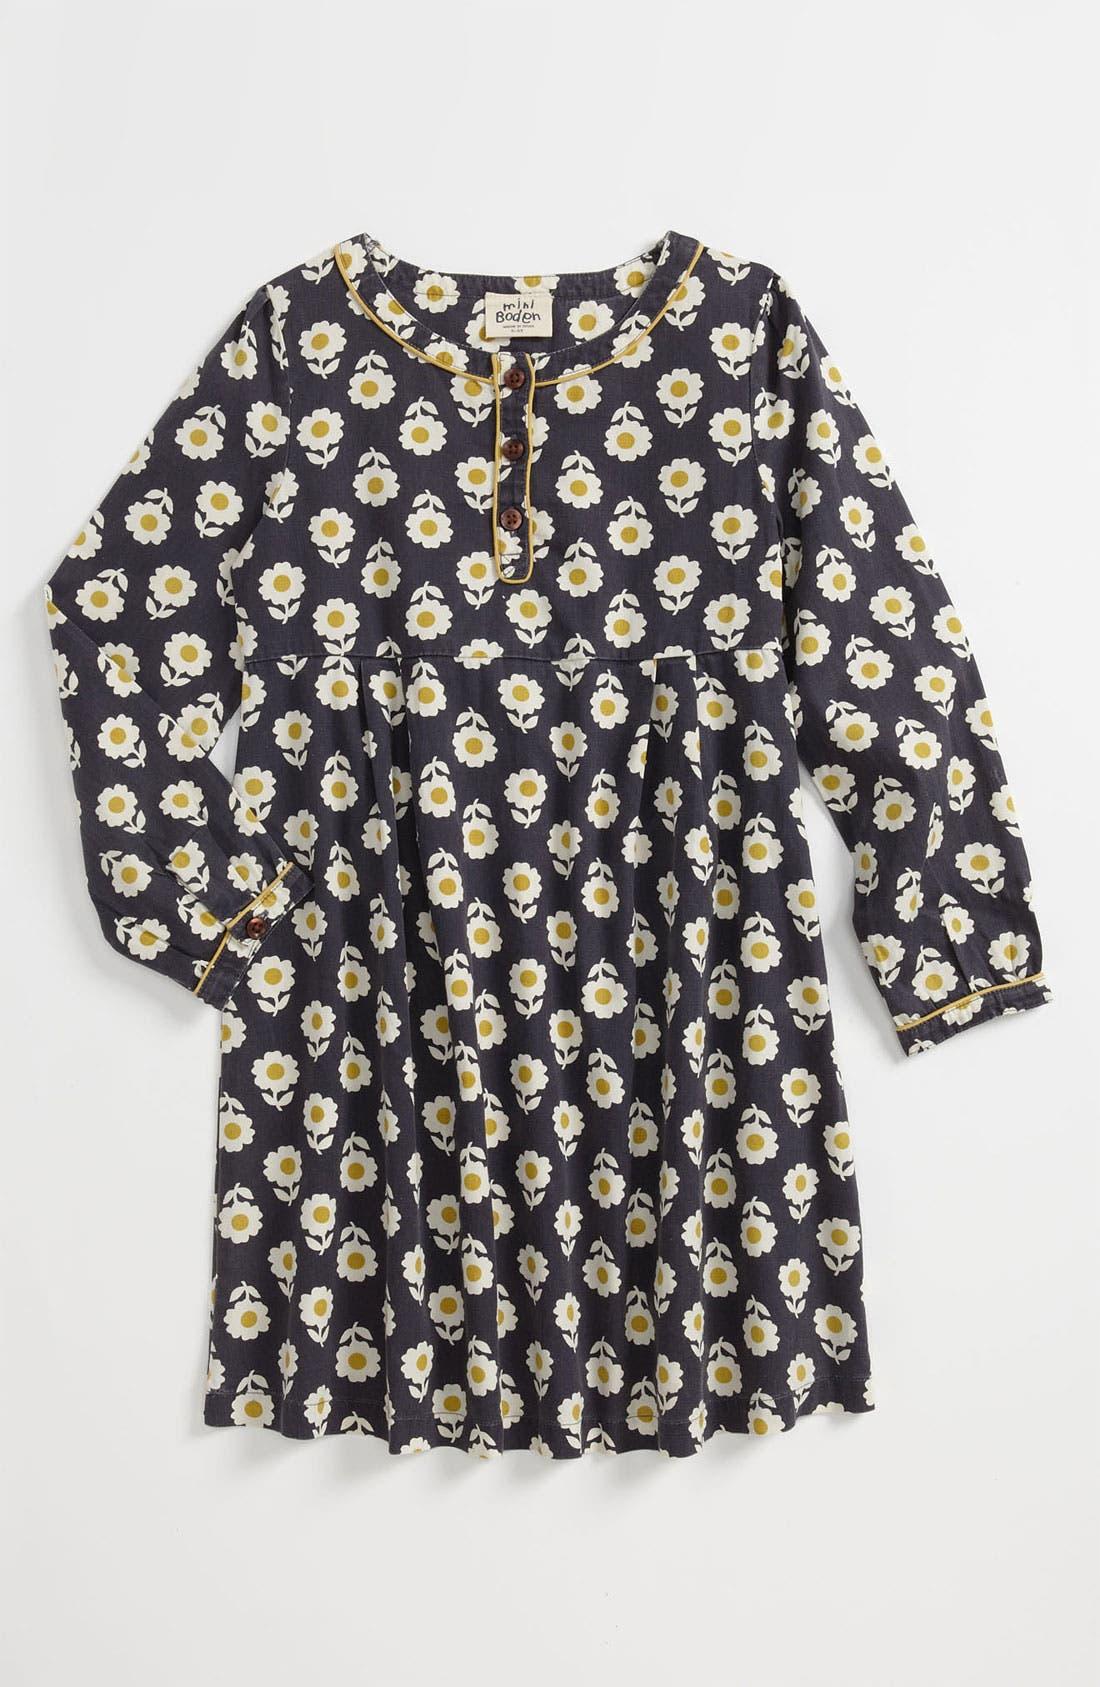 Main Image - Mini Boden 'Easy' Print Dress (Little Girls & Big Girls)